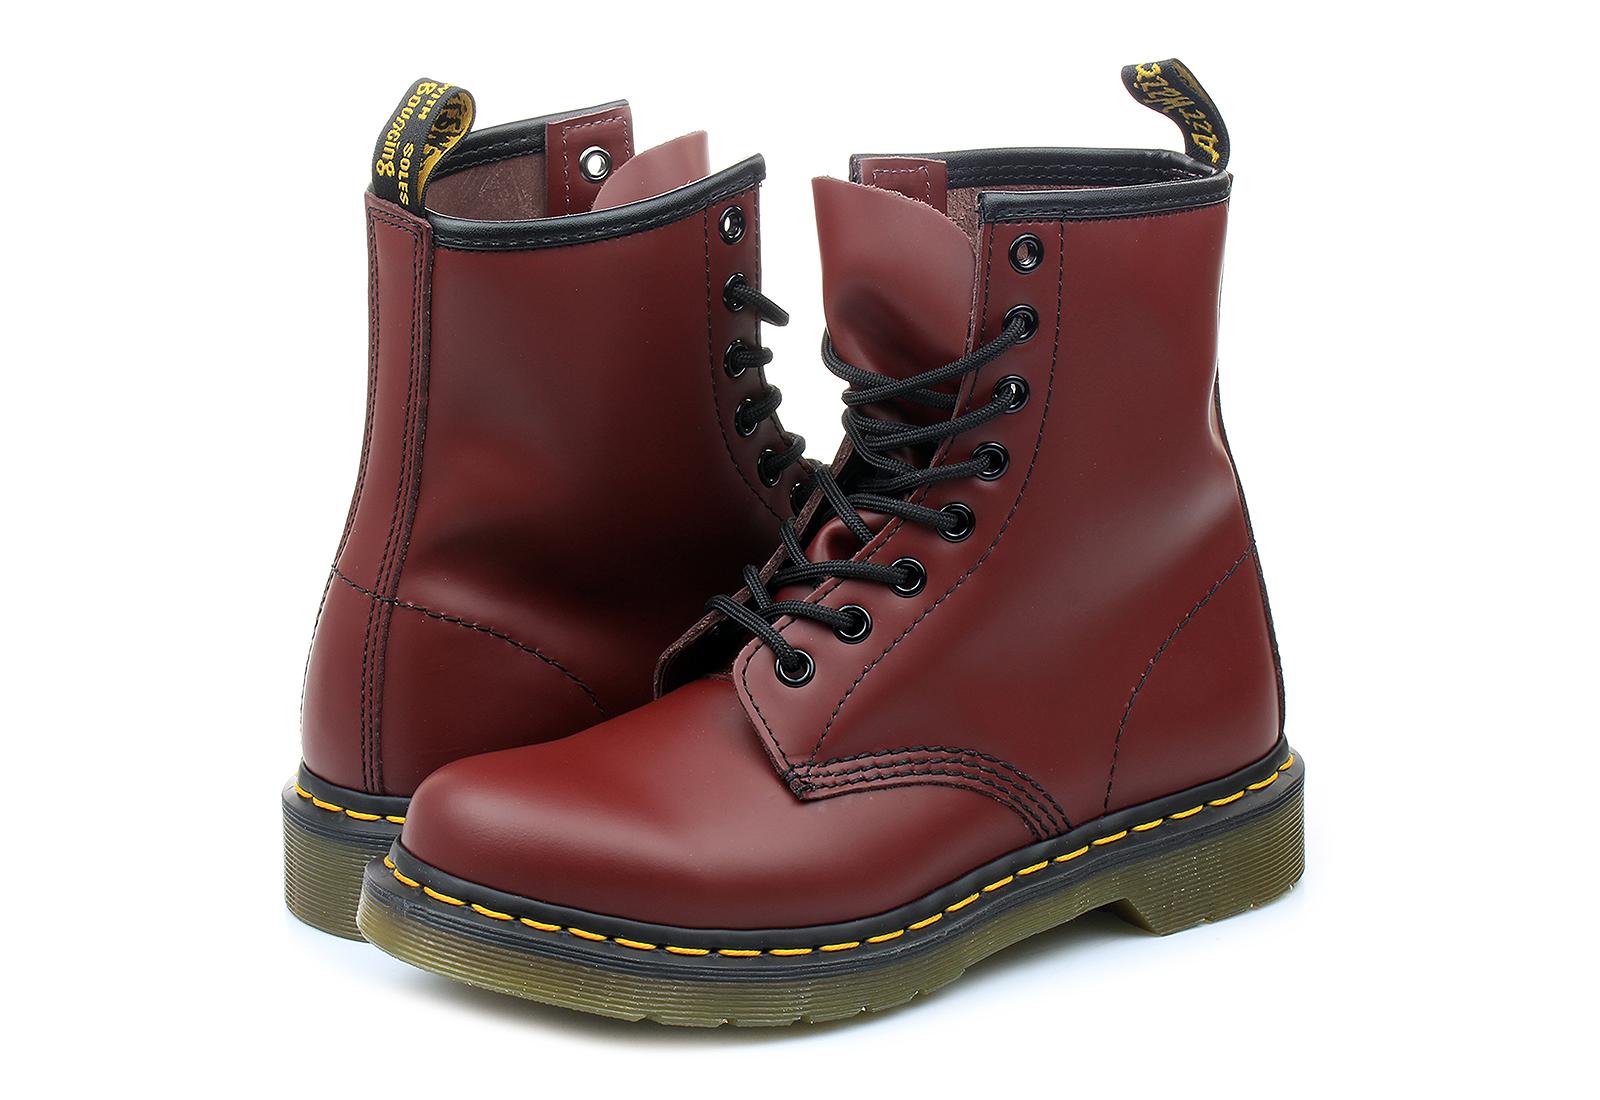 Dr Martens Boots 1460 8 Eye Boot Dm10072600 Online